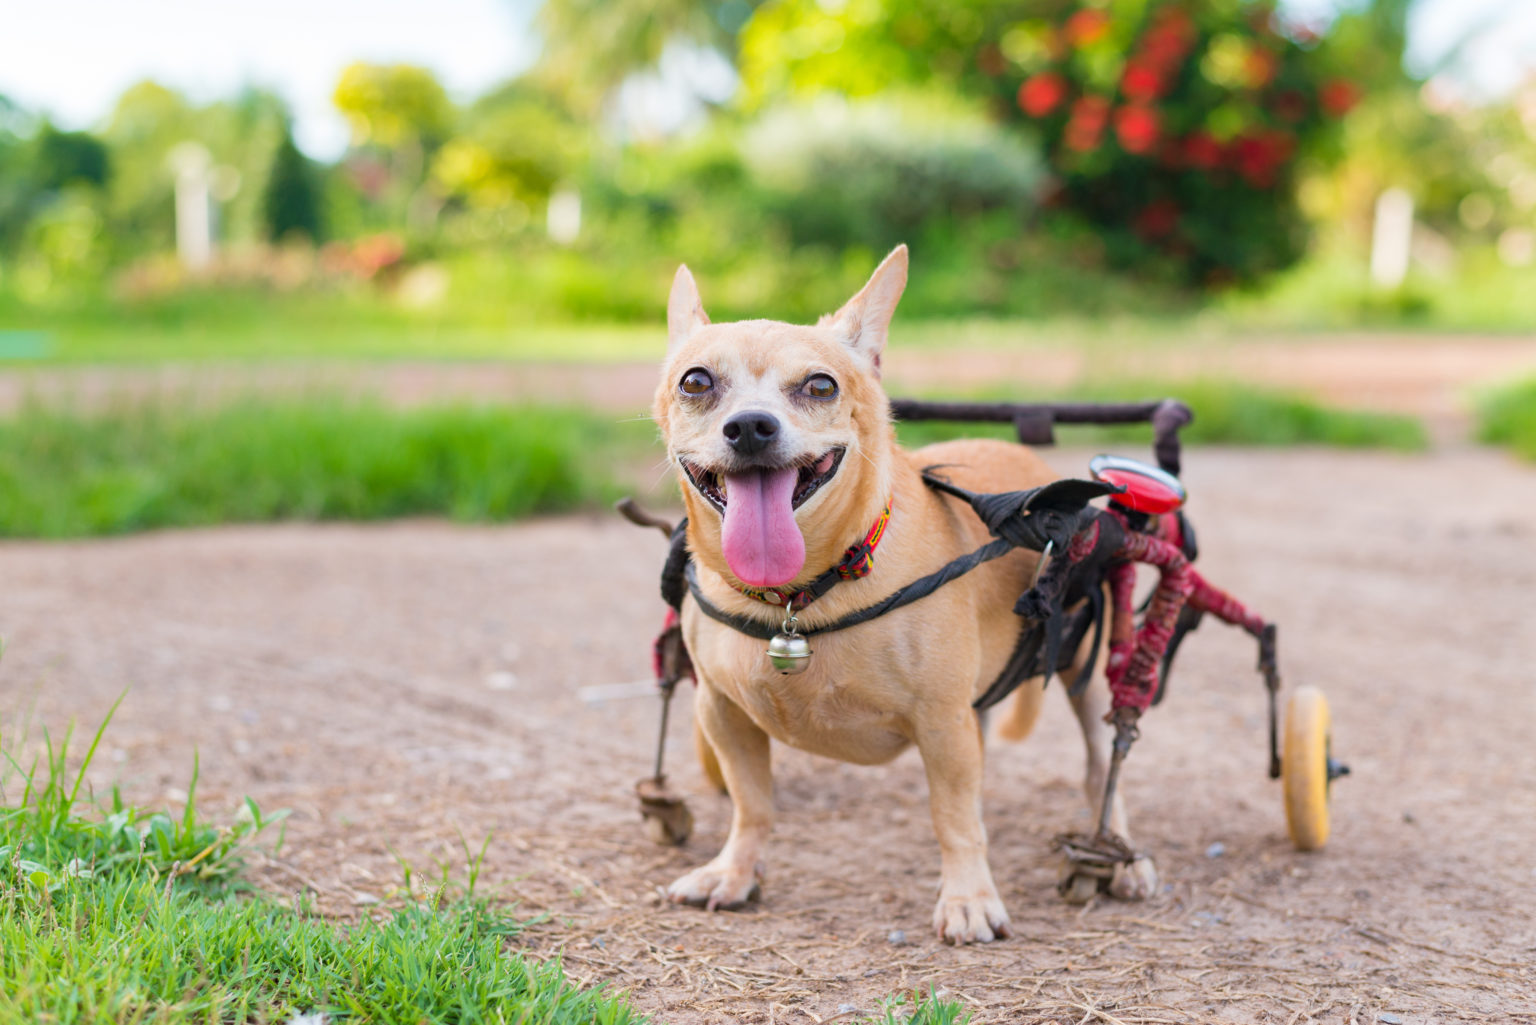 Happy,Cute,Little,Dog,In,Wheelchair,Or,Cart,Walking,In